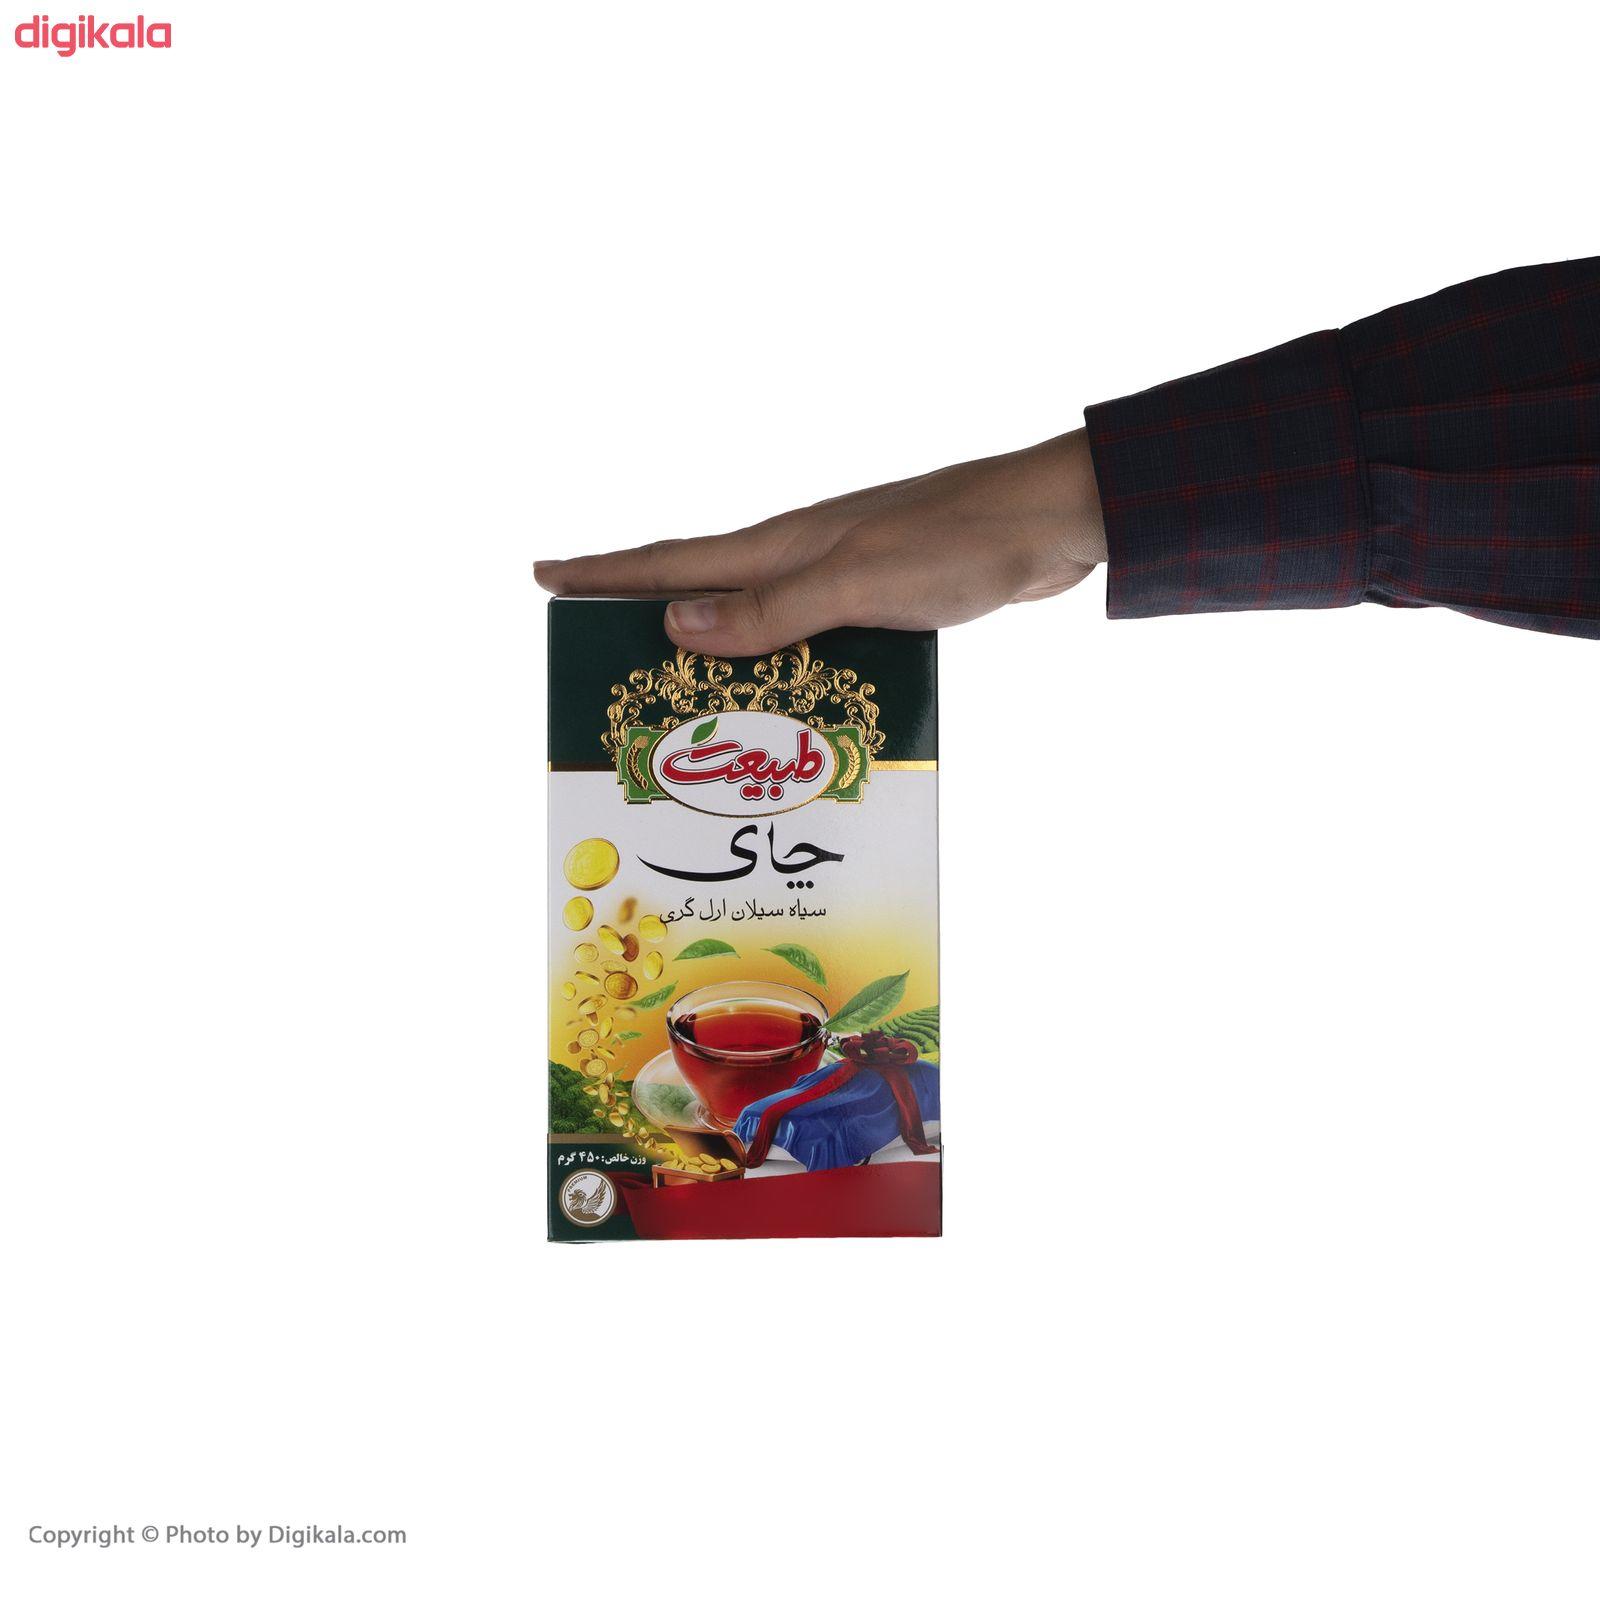 چای سیاه معطر ارل گری طبیعت - 450 گرم main 1 3